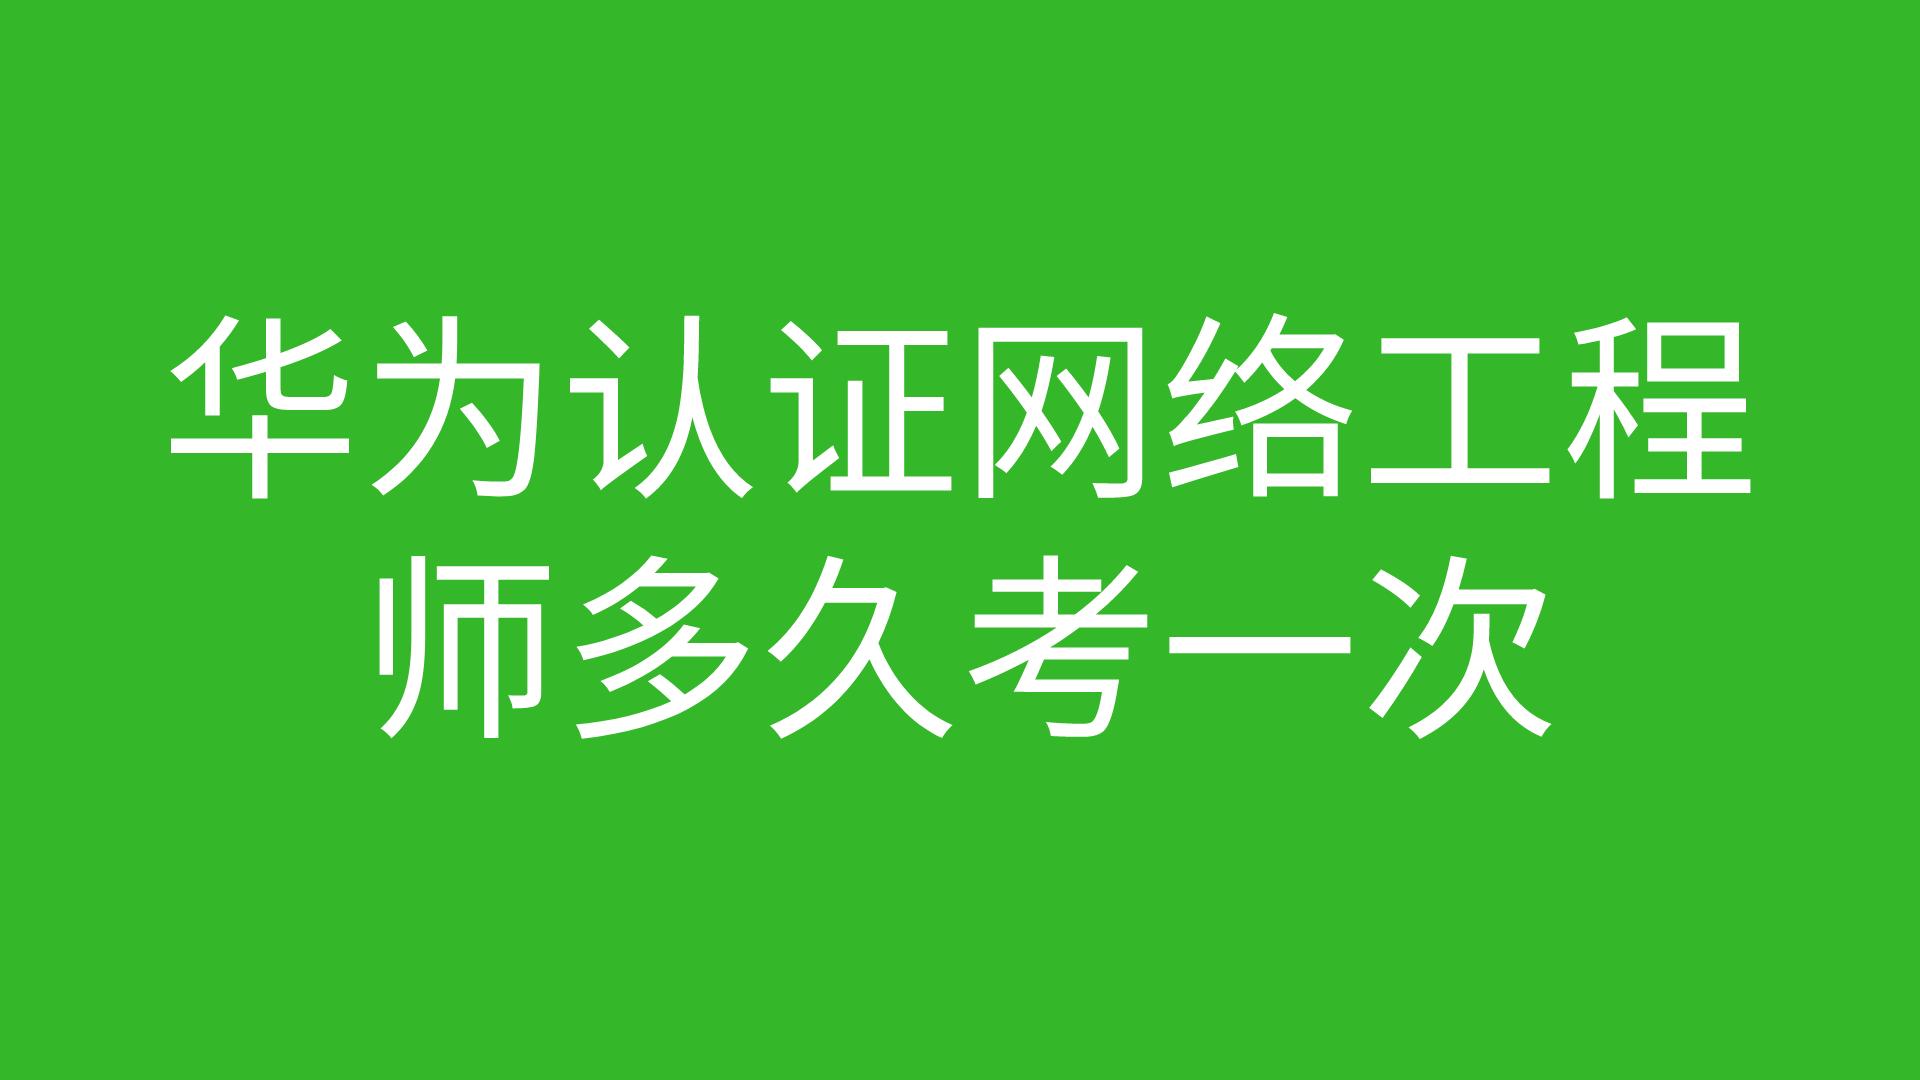 华为认证网络工程师多久考一次